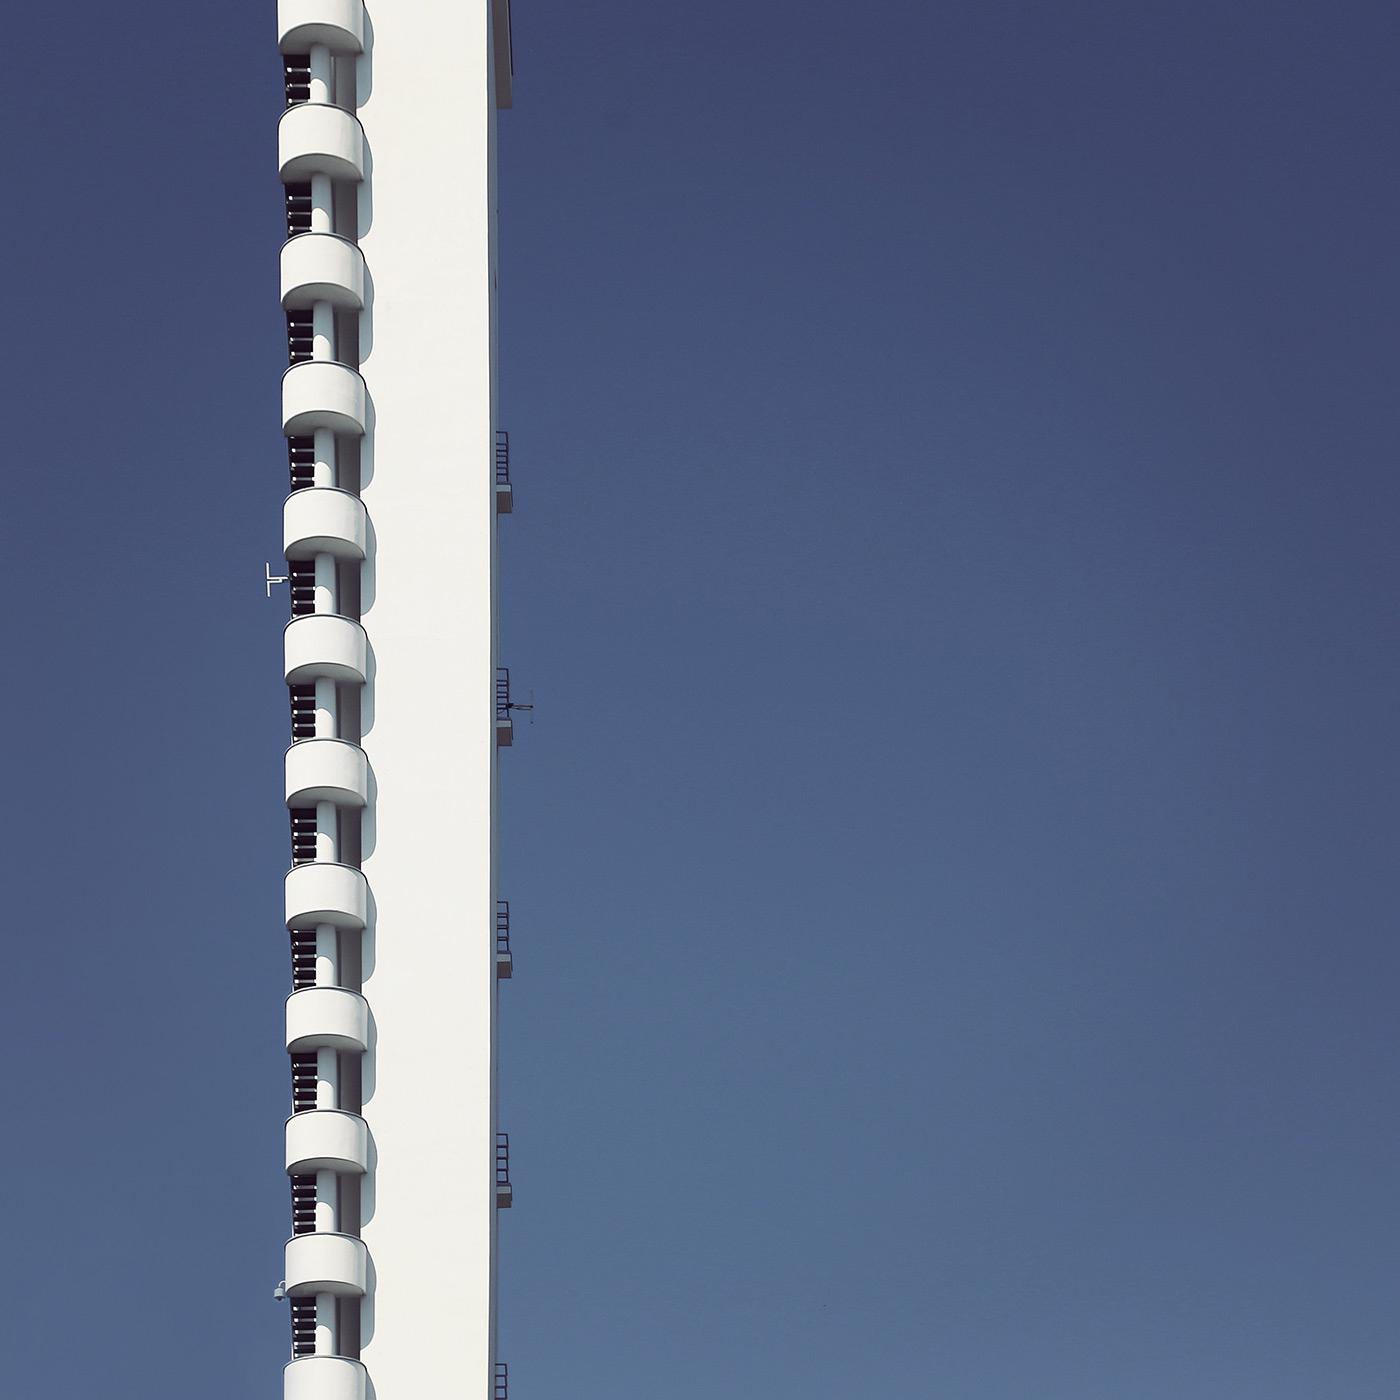 Helsinki Olympic Stadium Location: Helsinki, Finland Architect: Yrjö Lindegren, Toivo Jäntti